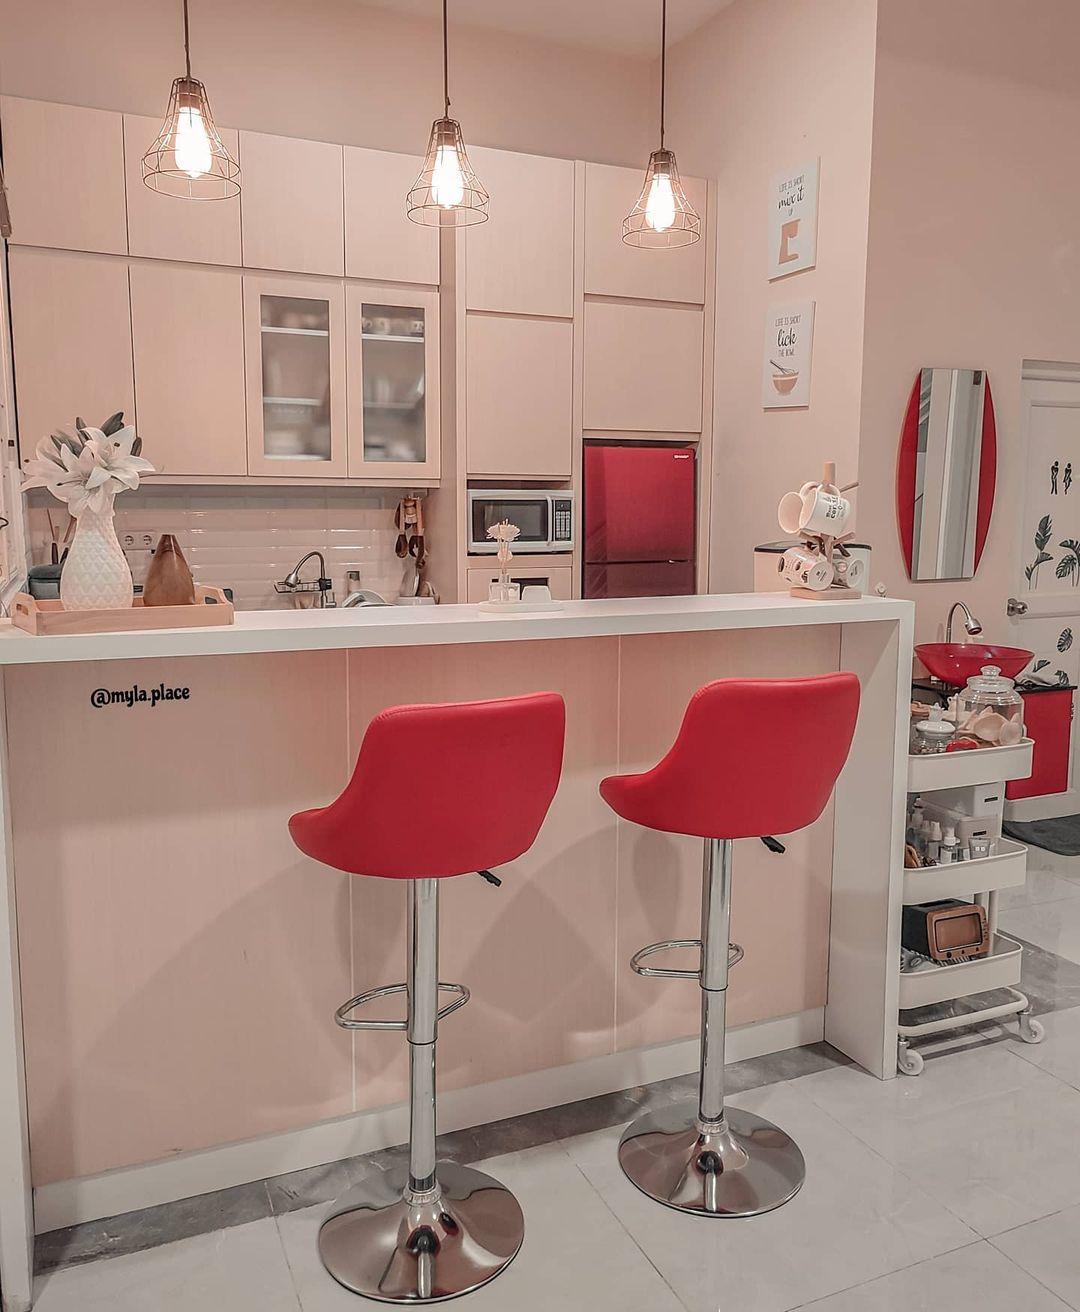 Interior Rumah Minimalis_4